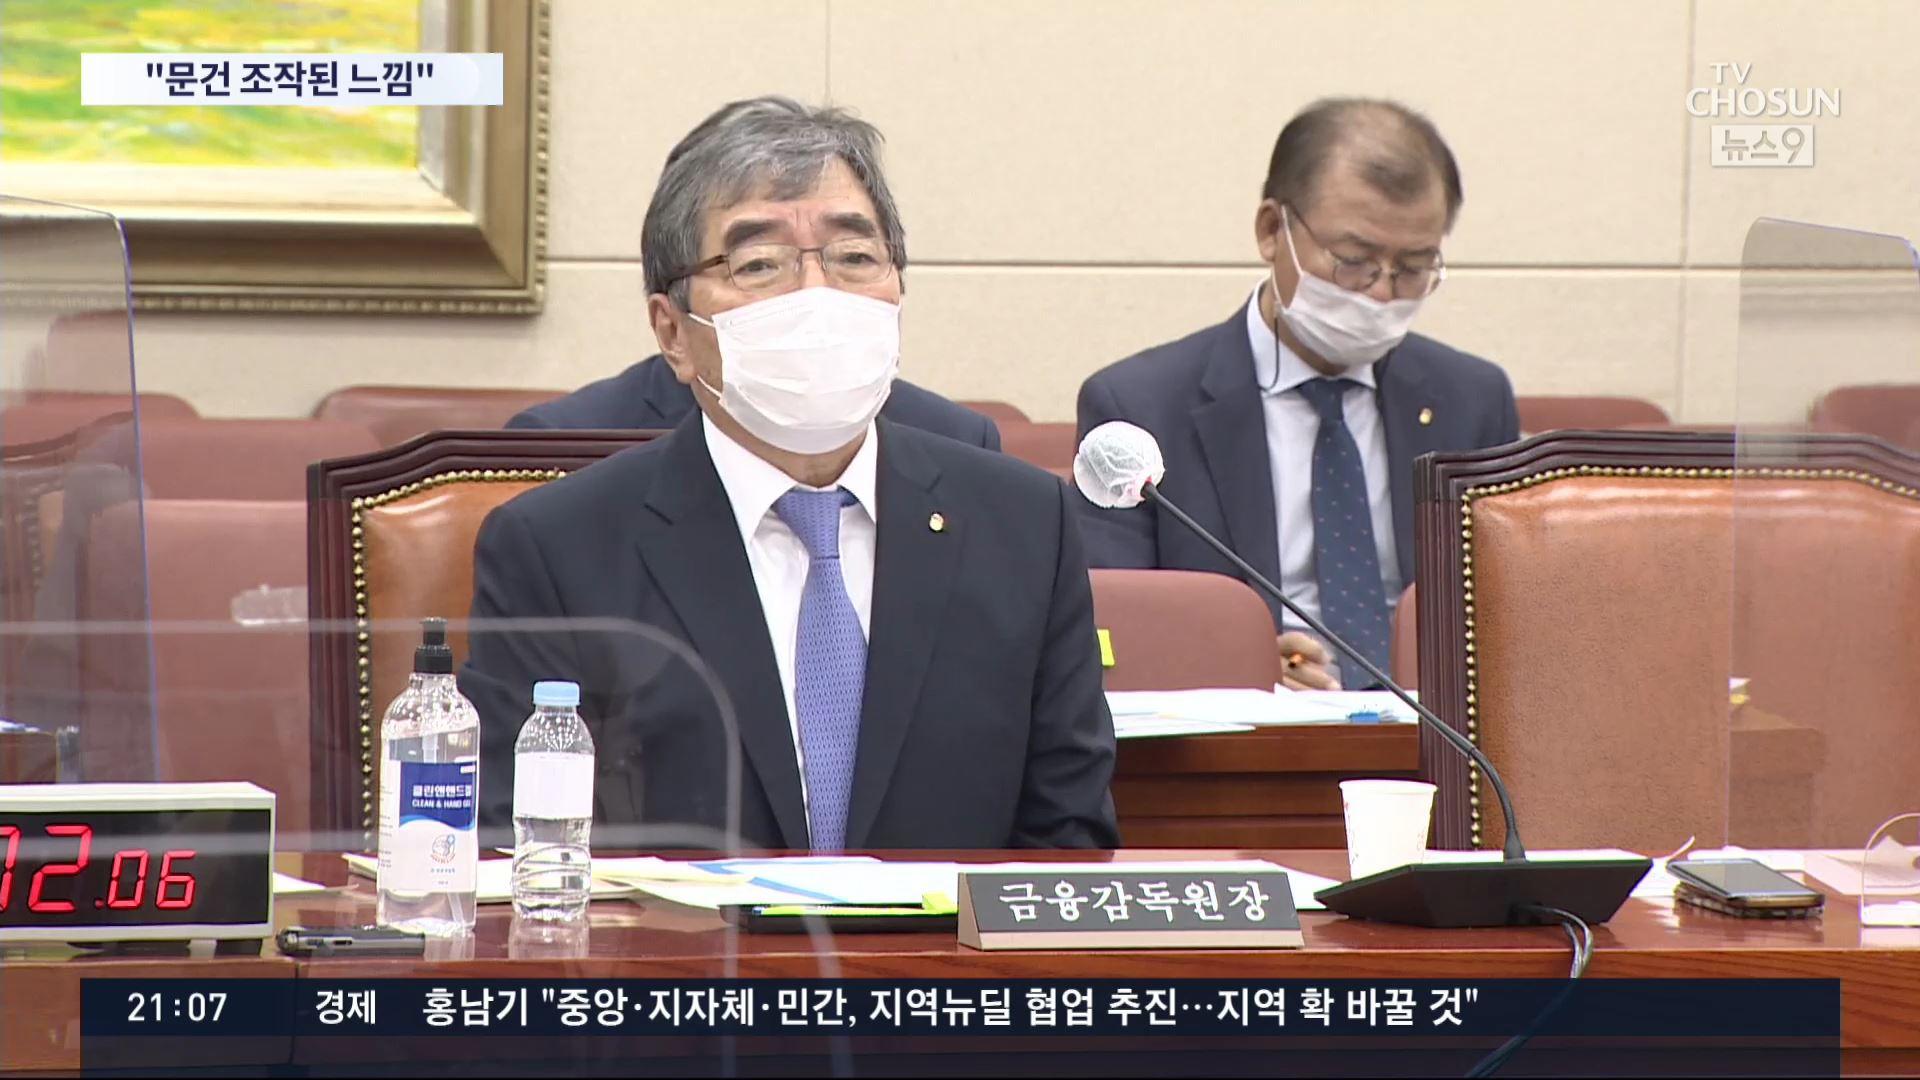 윤석헌 금감원장 '옵티머스 문건 조작된 느낌'